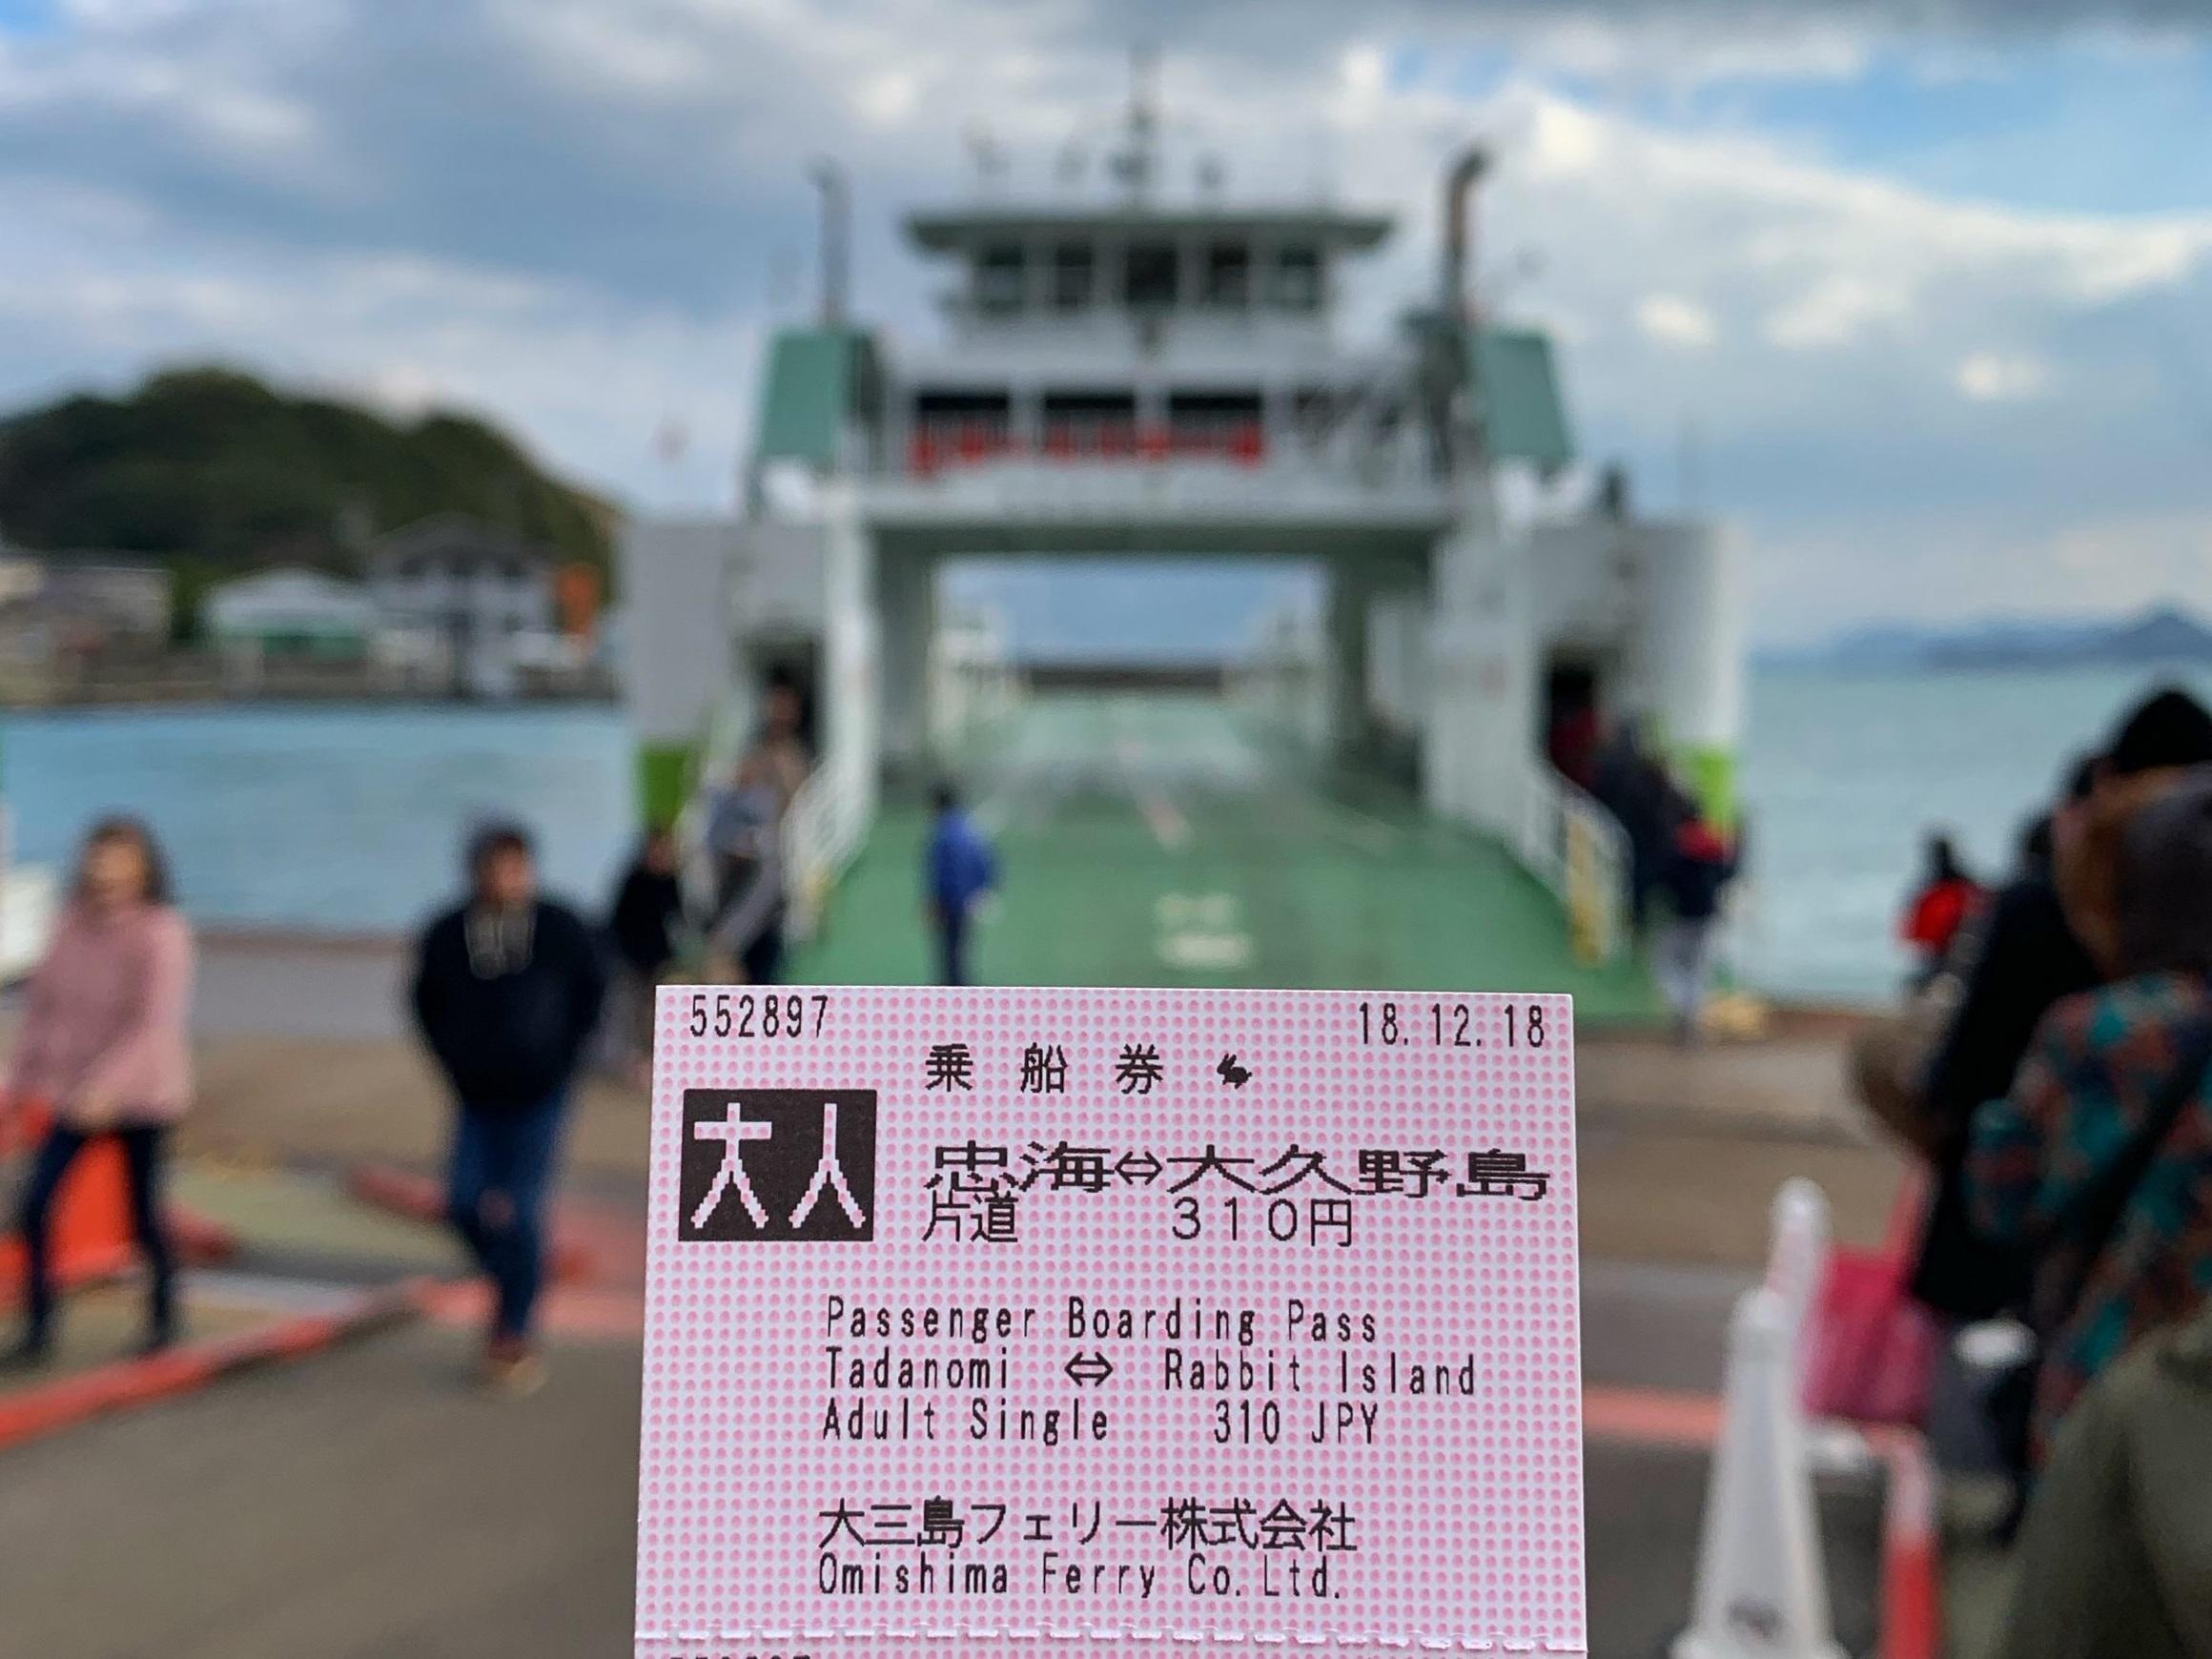 okunoshima rabbit island japan hiroshima